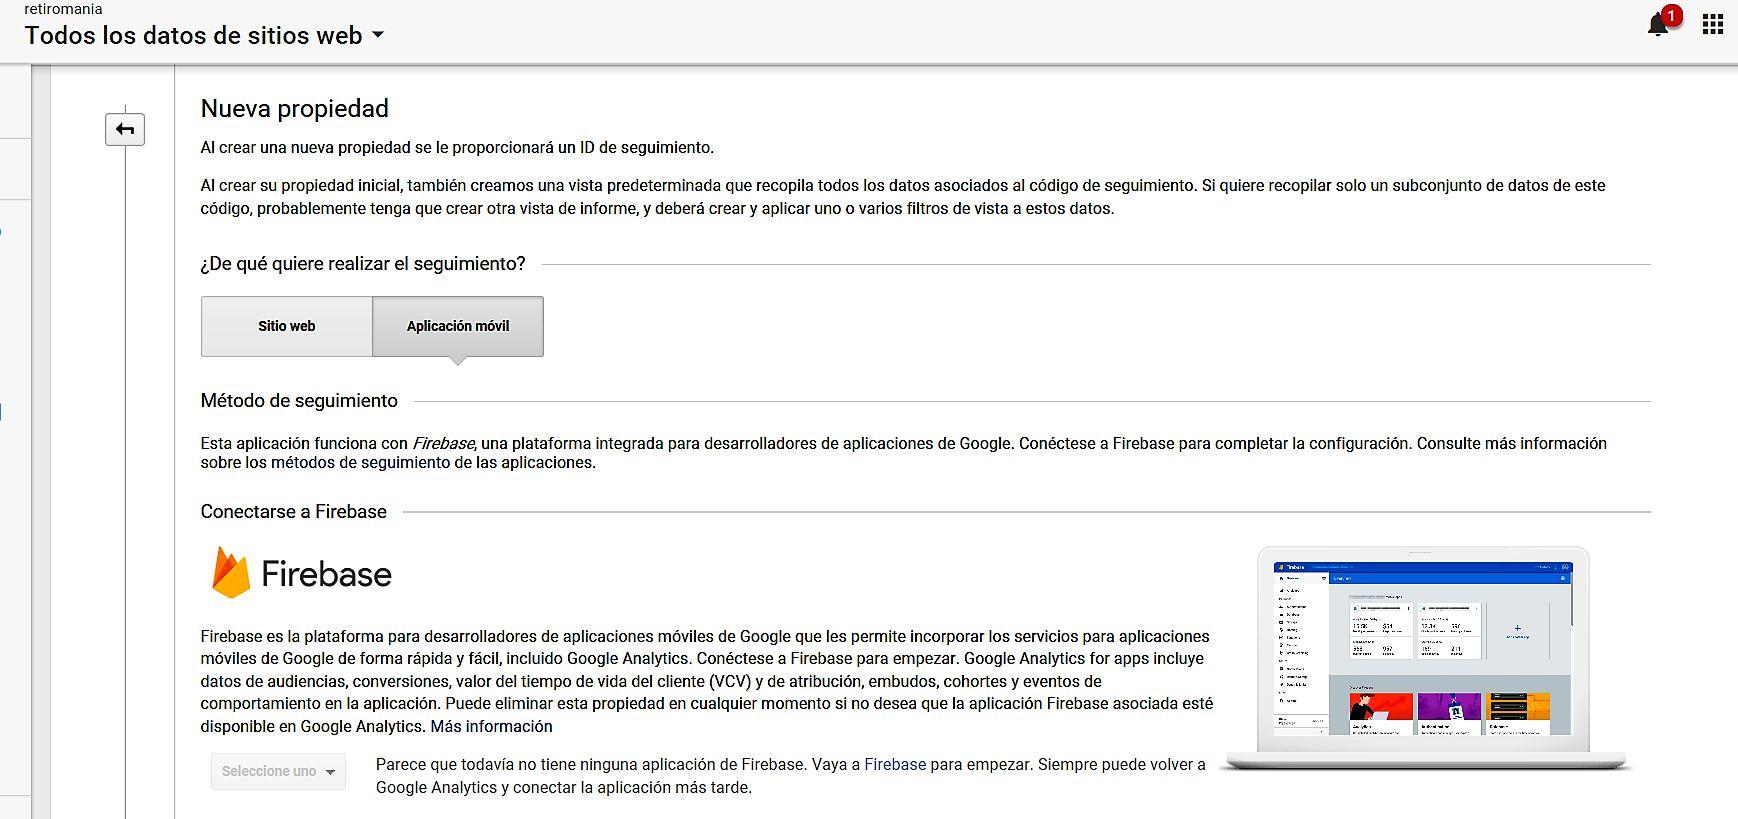 Mide el posicionamiento ASO de tu app con Google Analytics